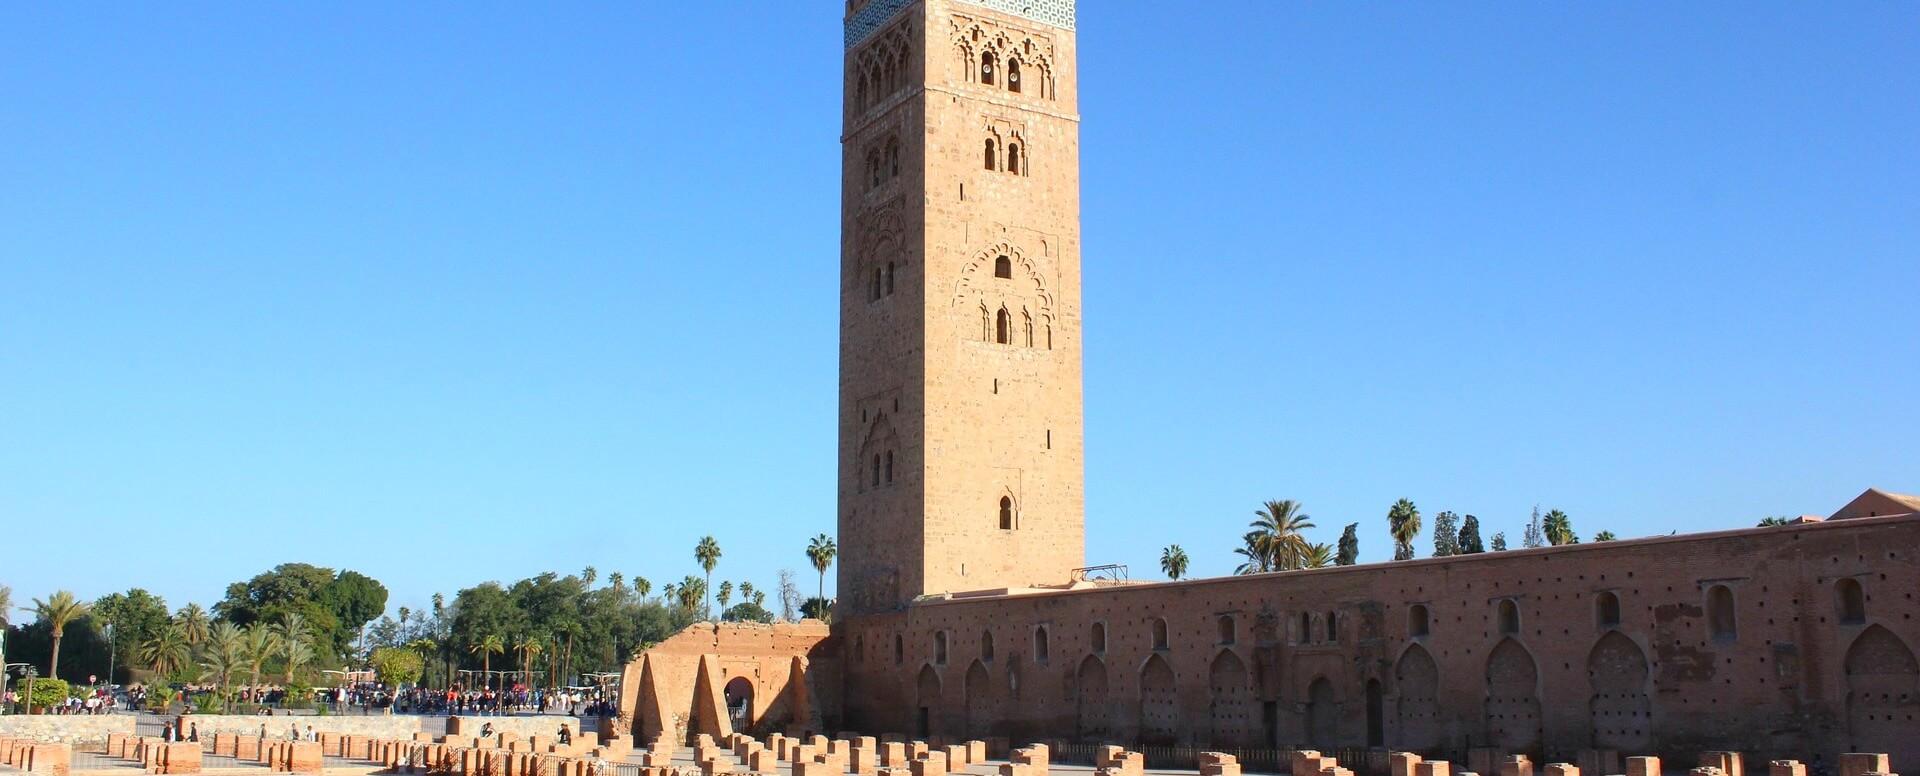 L'Histoire de Marrakech - Marrakech